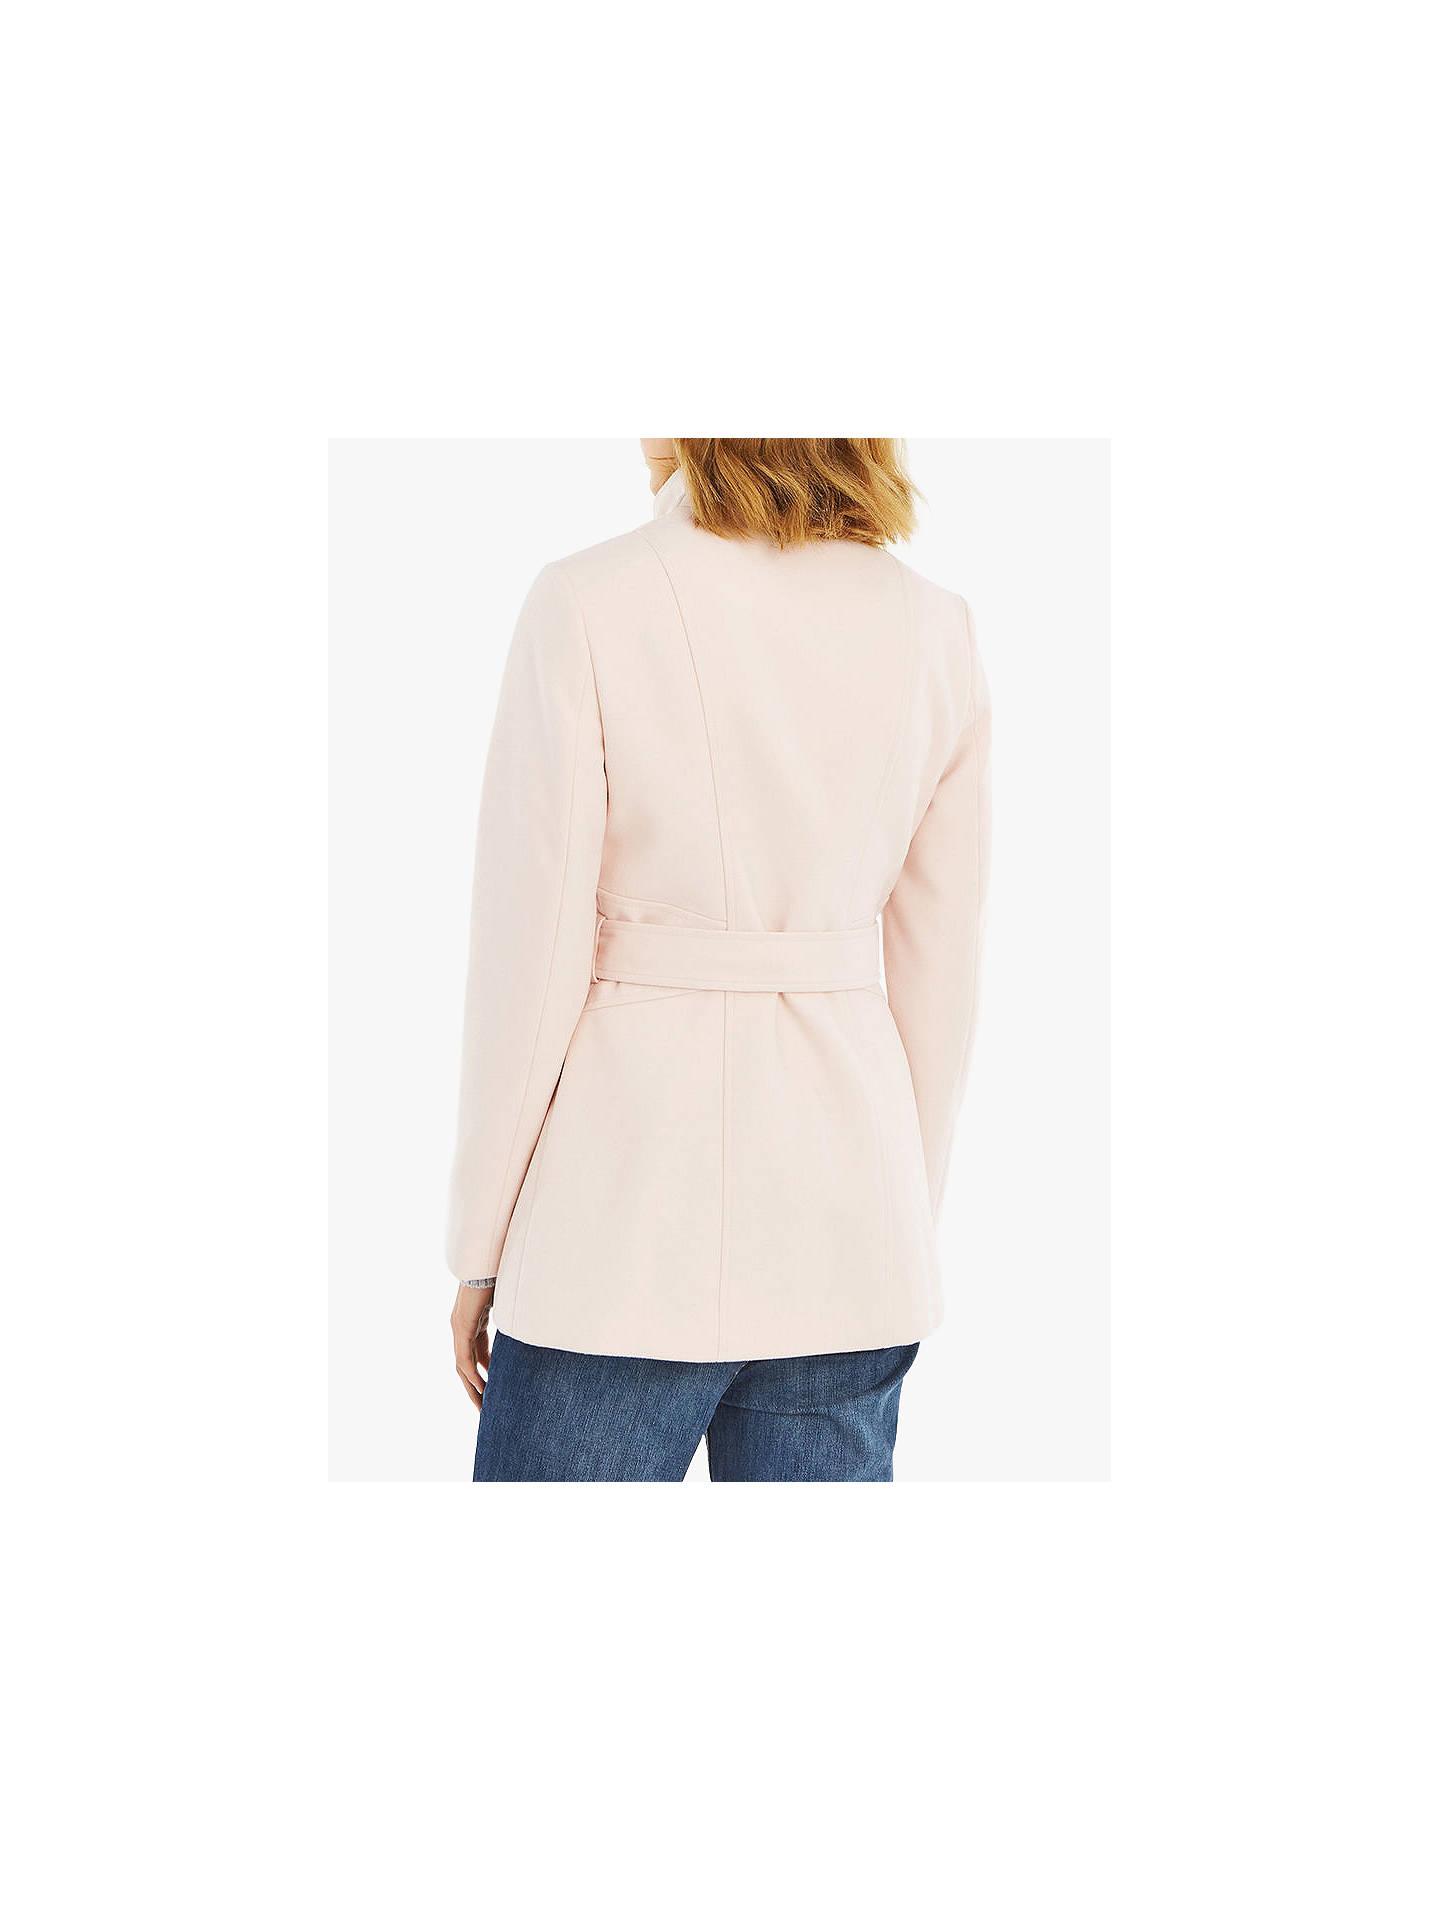 7192e2c008af ... Buy Oasis Hazel Fitted Coat, Pale Pink, S Online at johnlewis.com ...